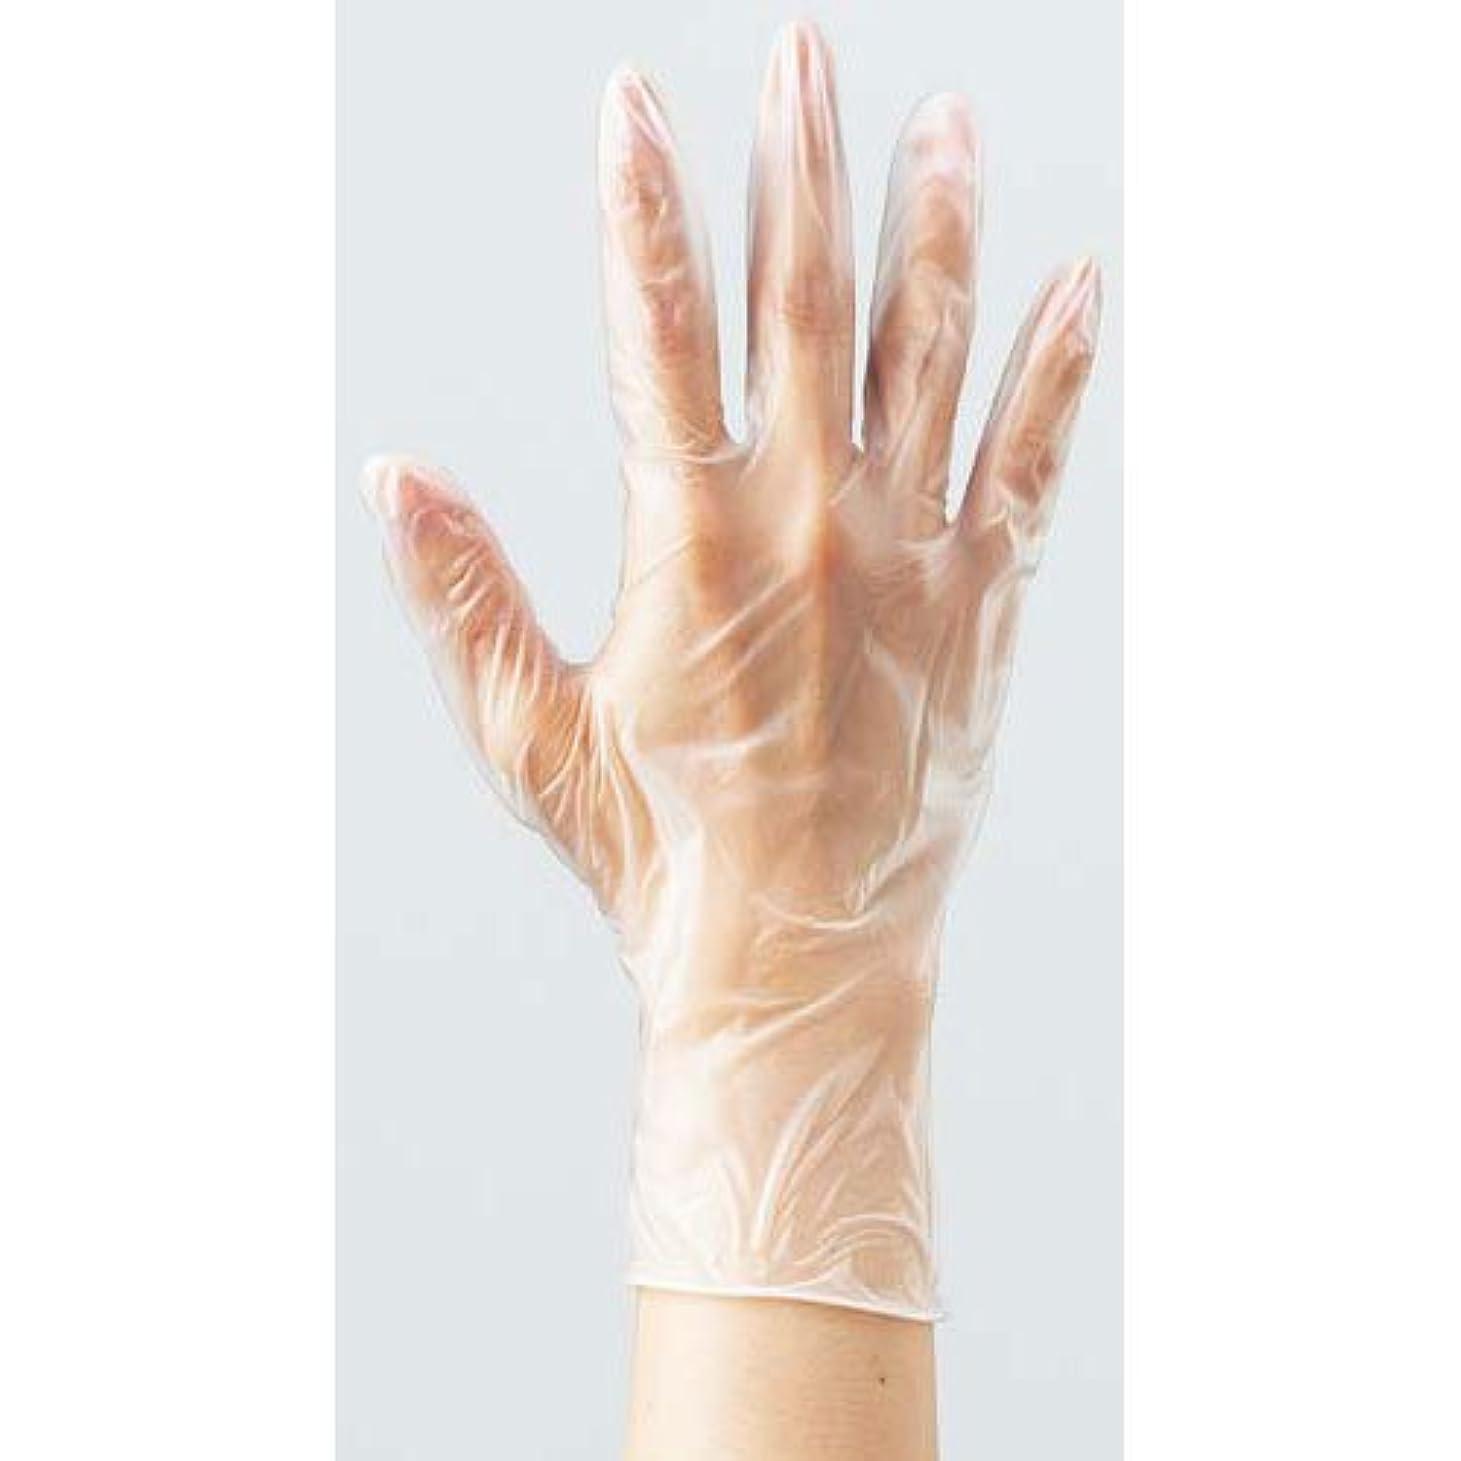 短命不変委任するカウネット プラスチック手袋 袋入 粉付M 100枚